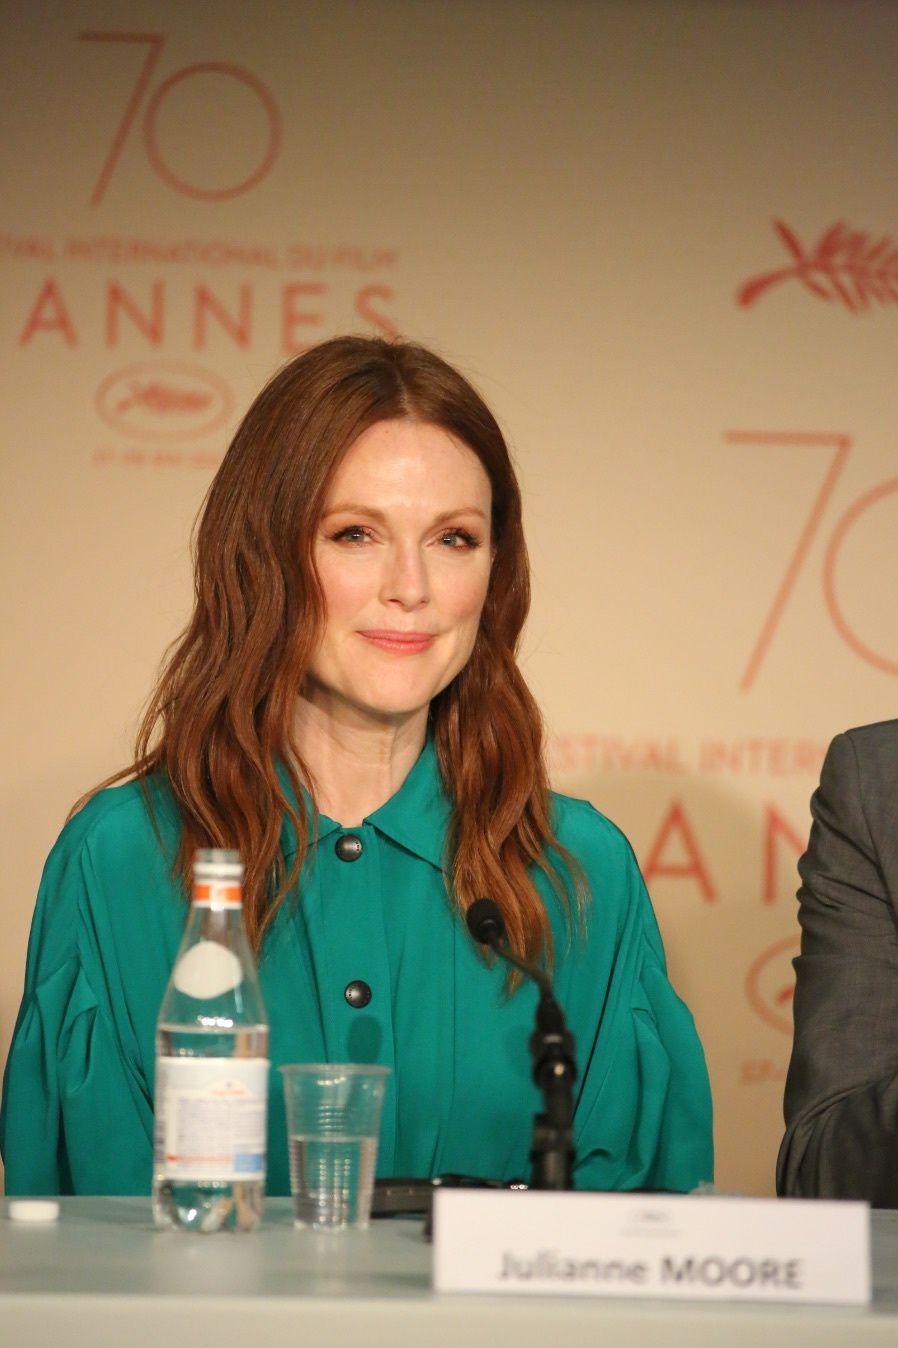 LE MUSÉE DES MERVEILLES (Wonderstruck) Les photos de Cannes - Au cinéma le 15 novembre 2017